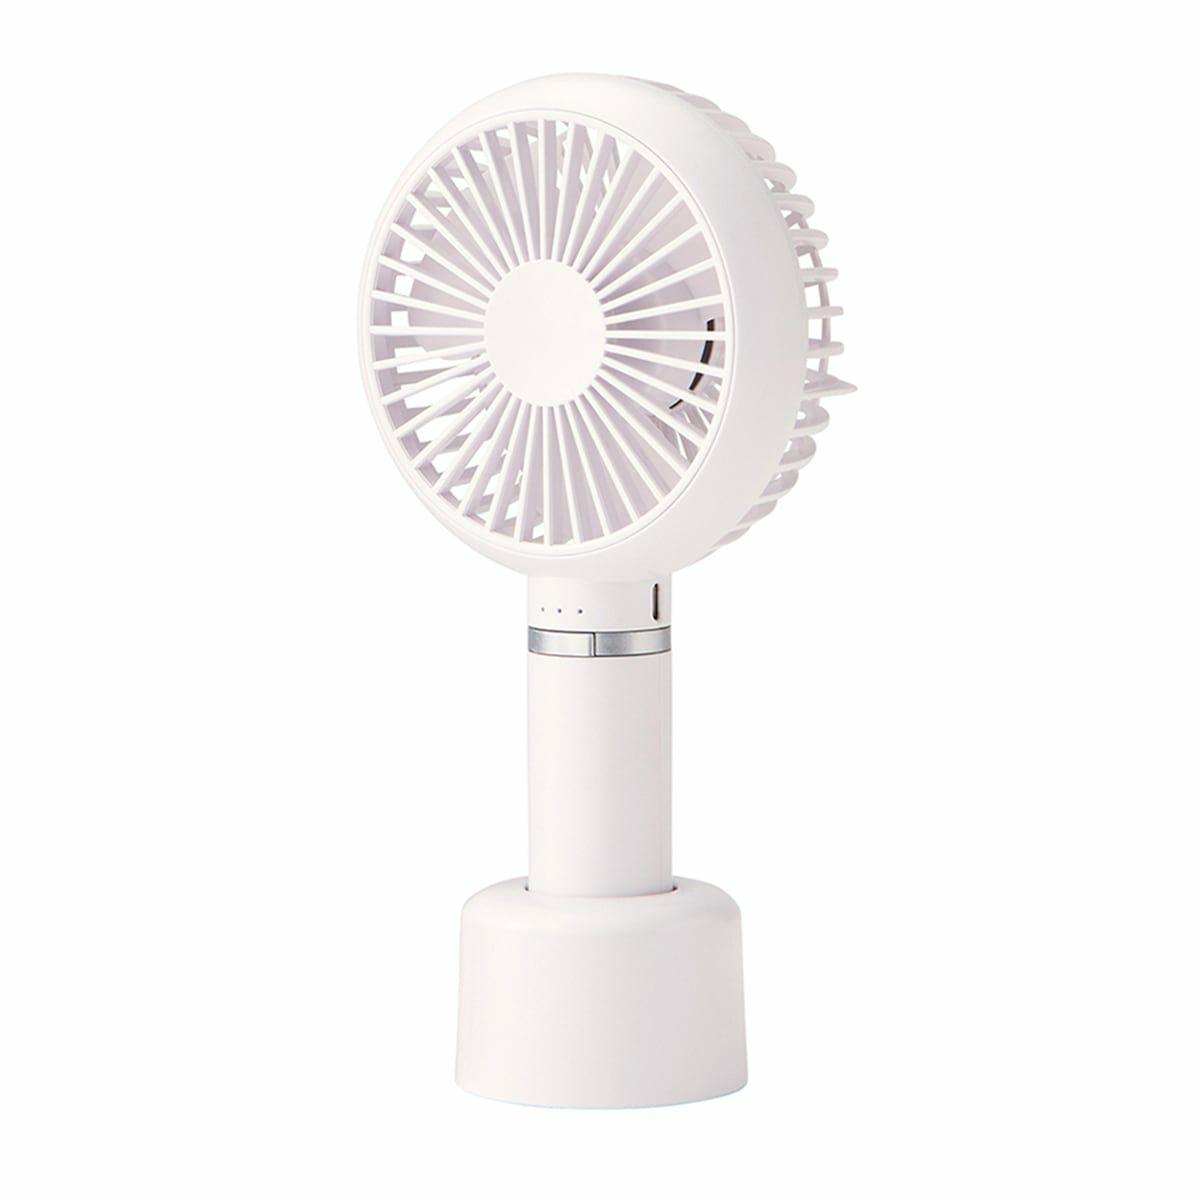 ハンディ扇風機 kpf0903